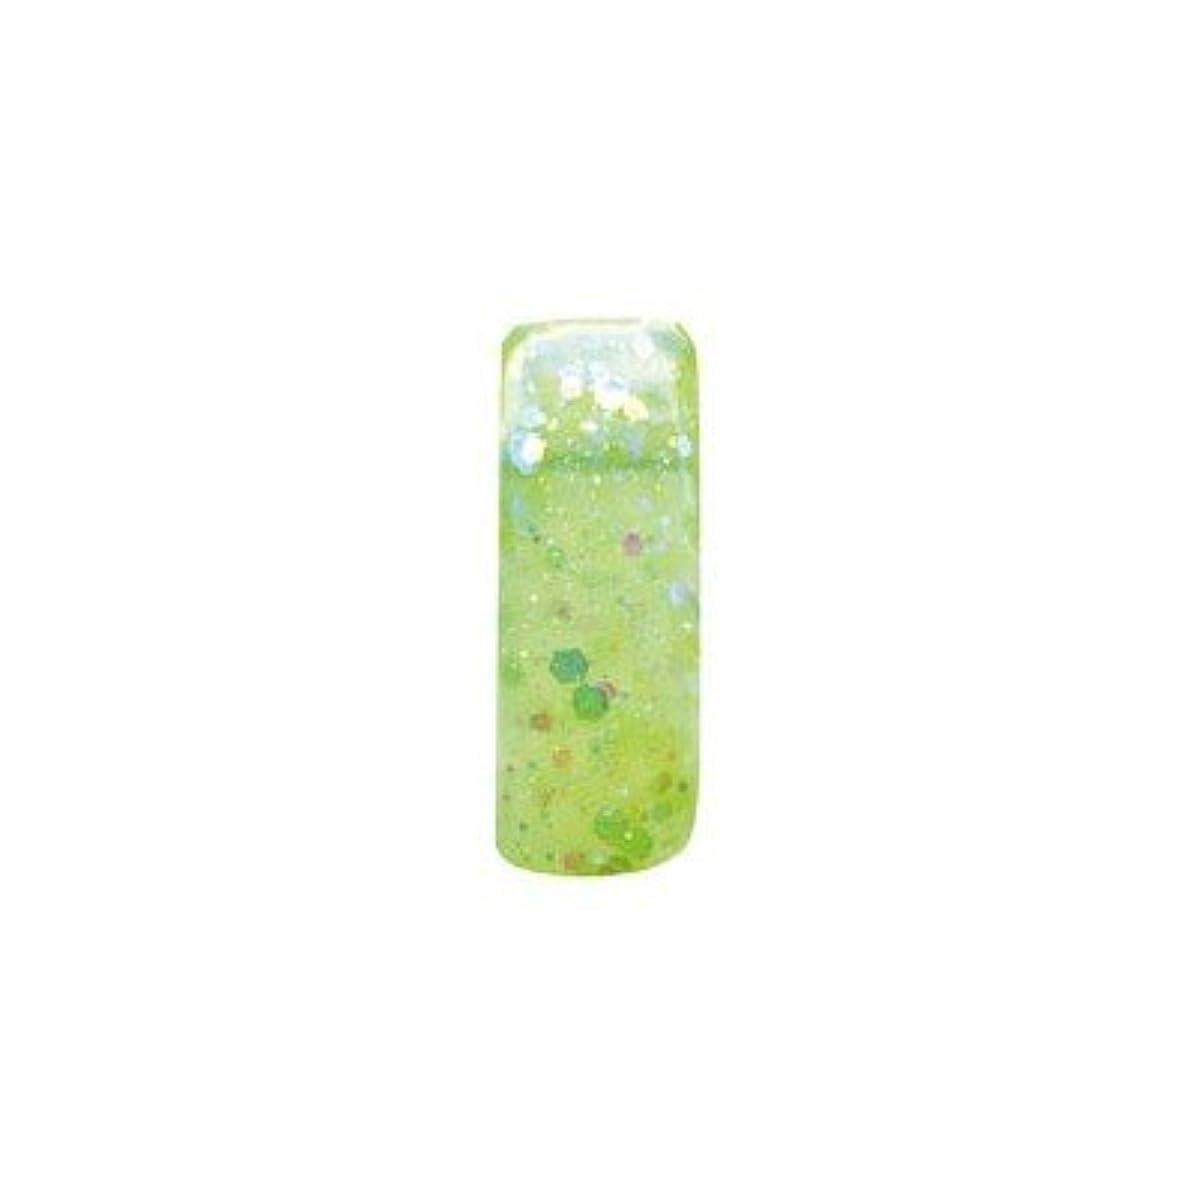 賛美歌対葉を集めるミス ミラージュ ソークオフジェル G16S Lオーロラライムグリーン 2.5g